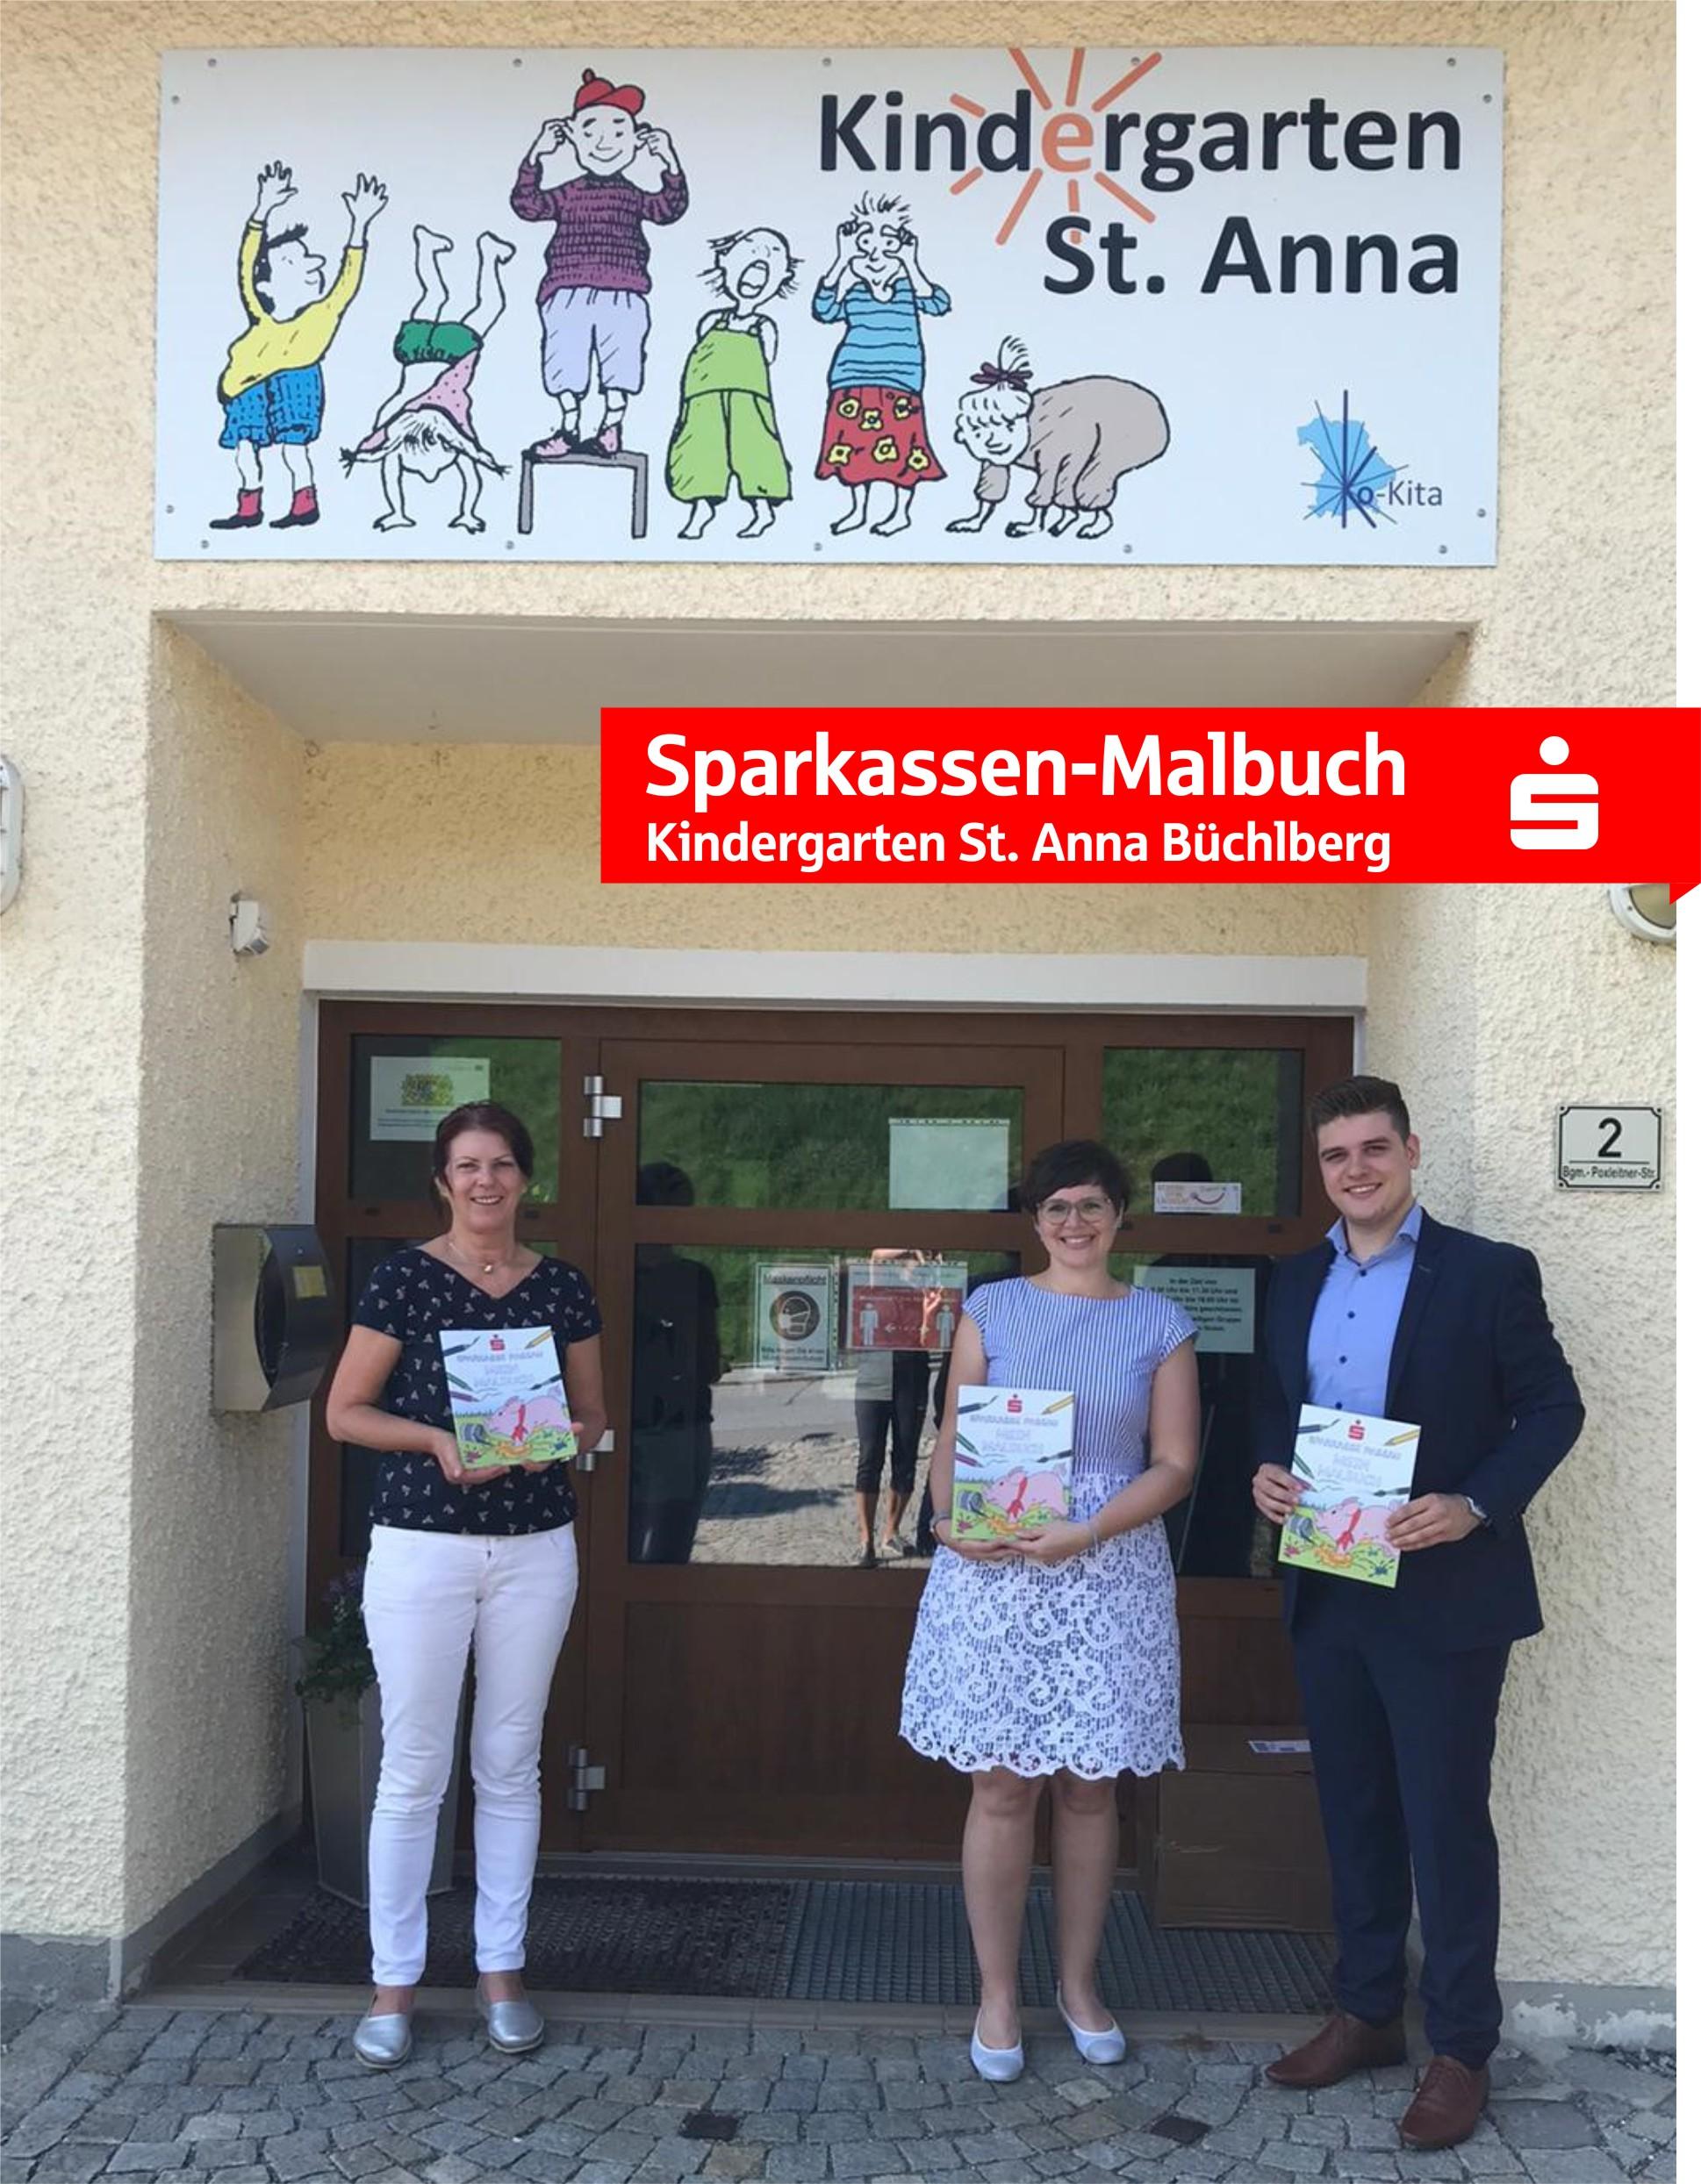 020_Hutthurm_Kindergarten-St.-Anna-Büchlberg